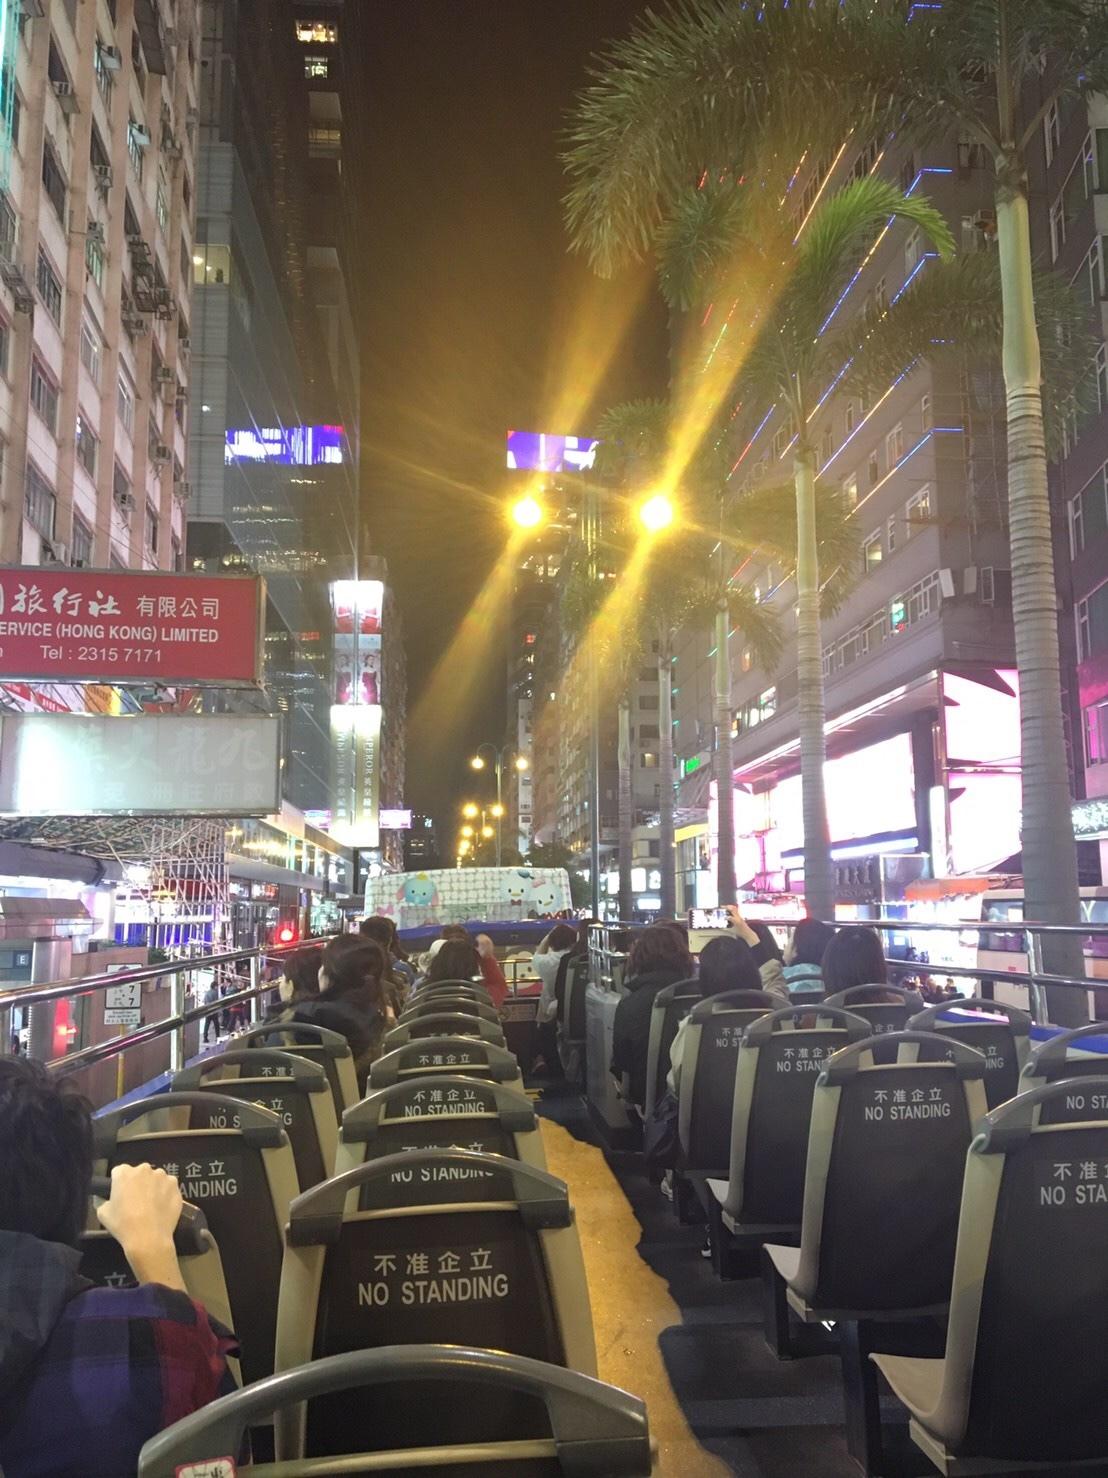 【映える街って本当?】インスタ映えすると話題の香港へ行って来ました♥《前編》_1_21